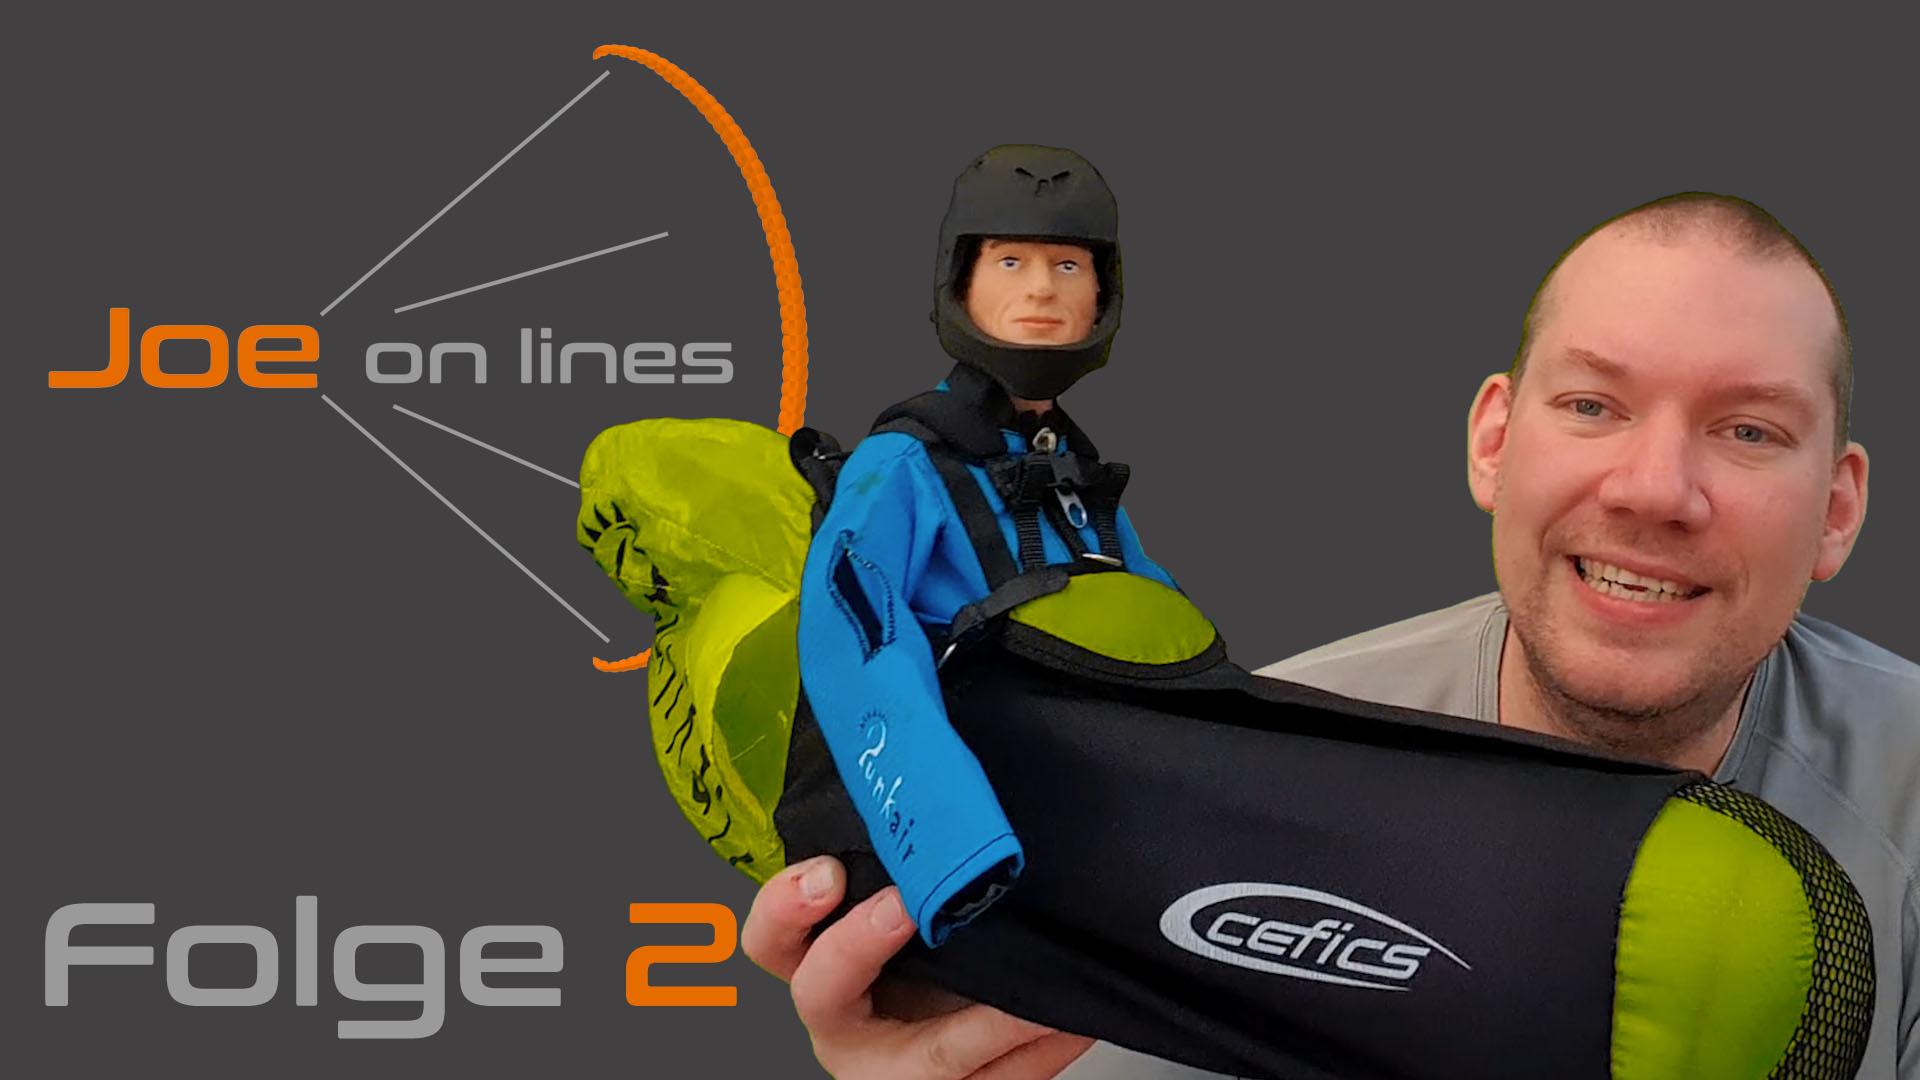 Jone on lines - Folge 2. Das Format für RC-Paraglider und Zubehör